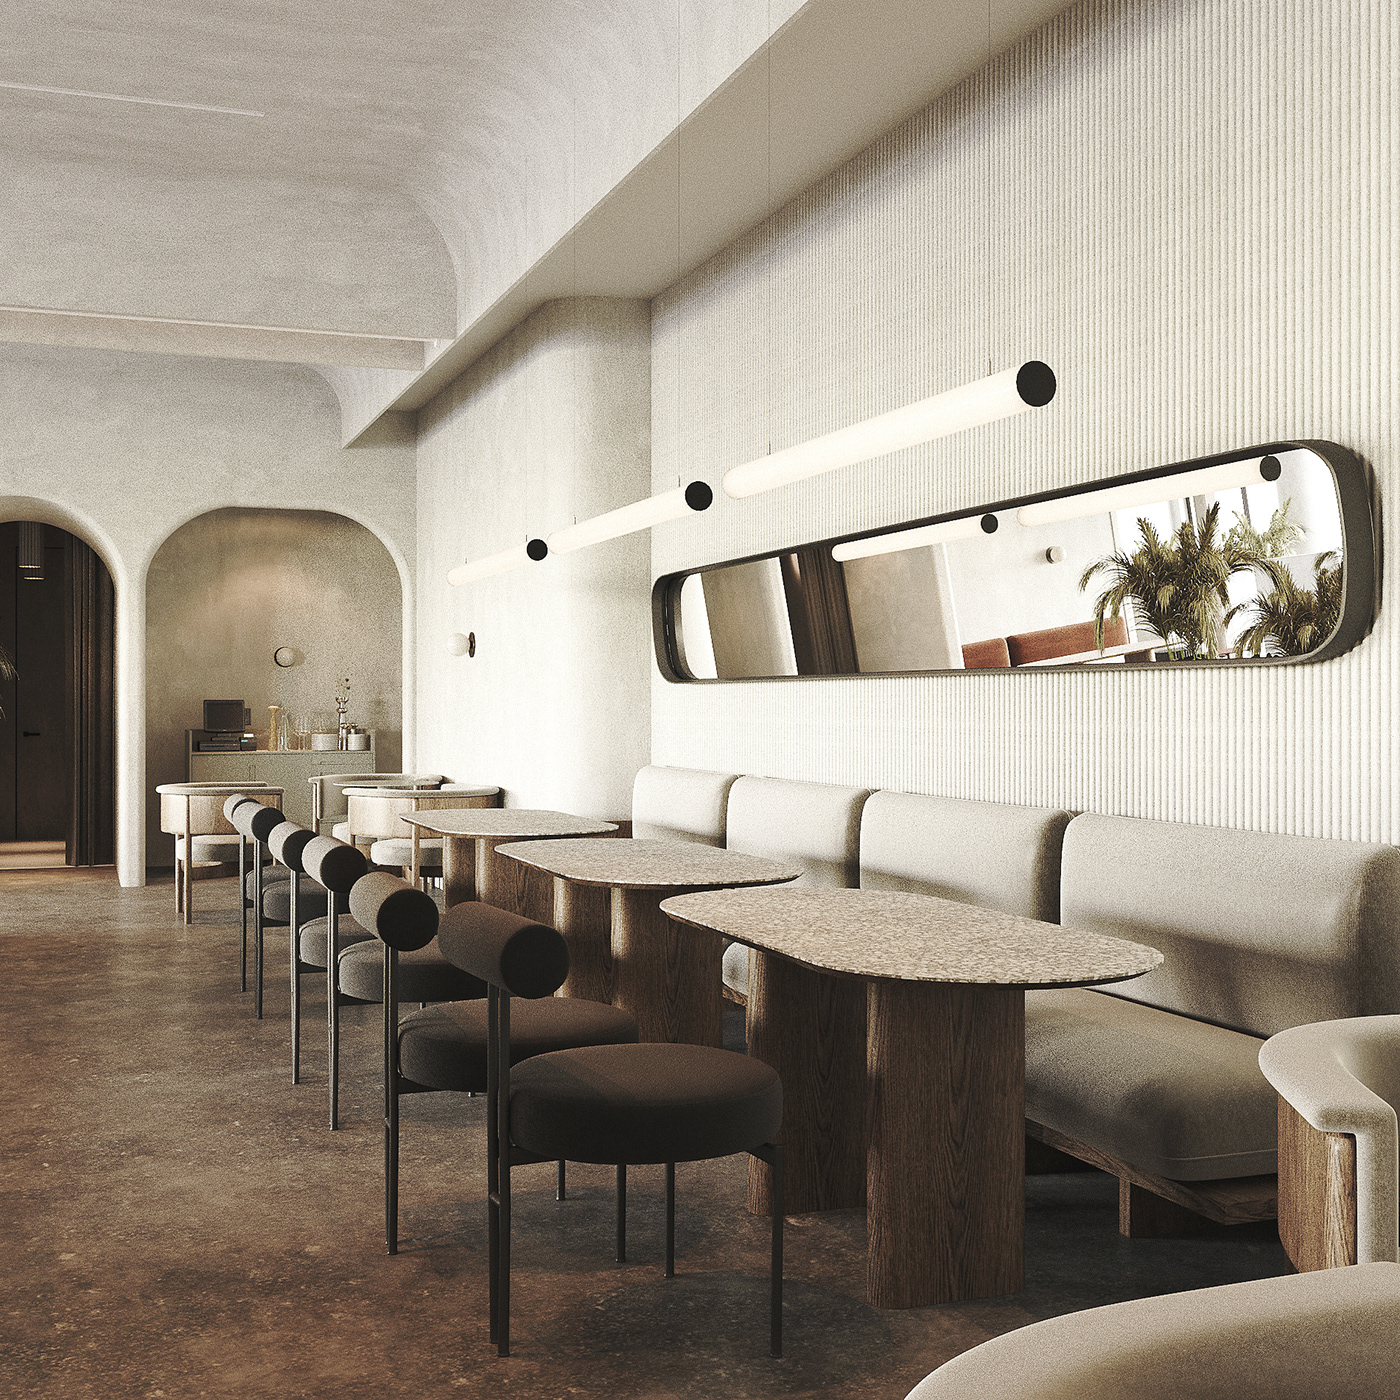 archviz Cafe design cafe interior cafe interior design CGI coronarenderer modern cafe interior restaurant design restaurant interior